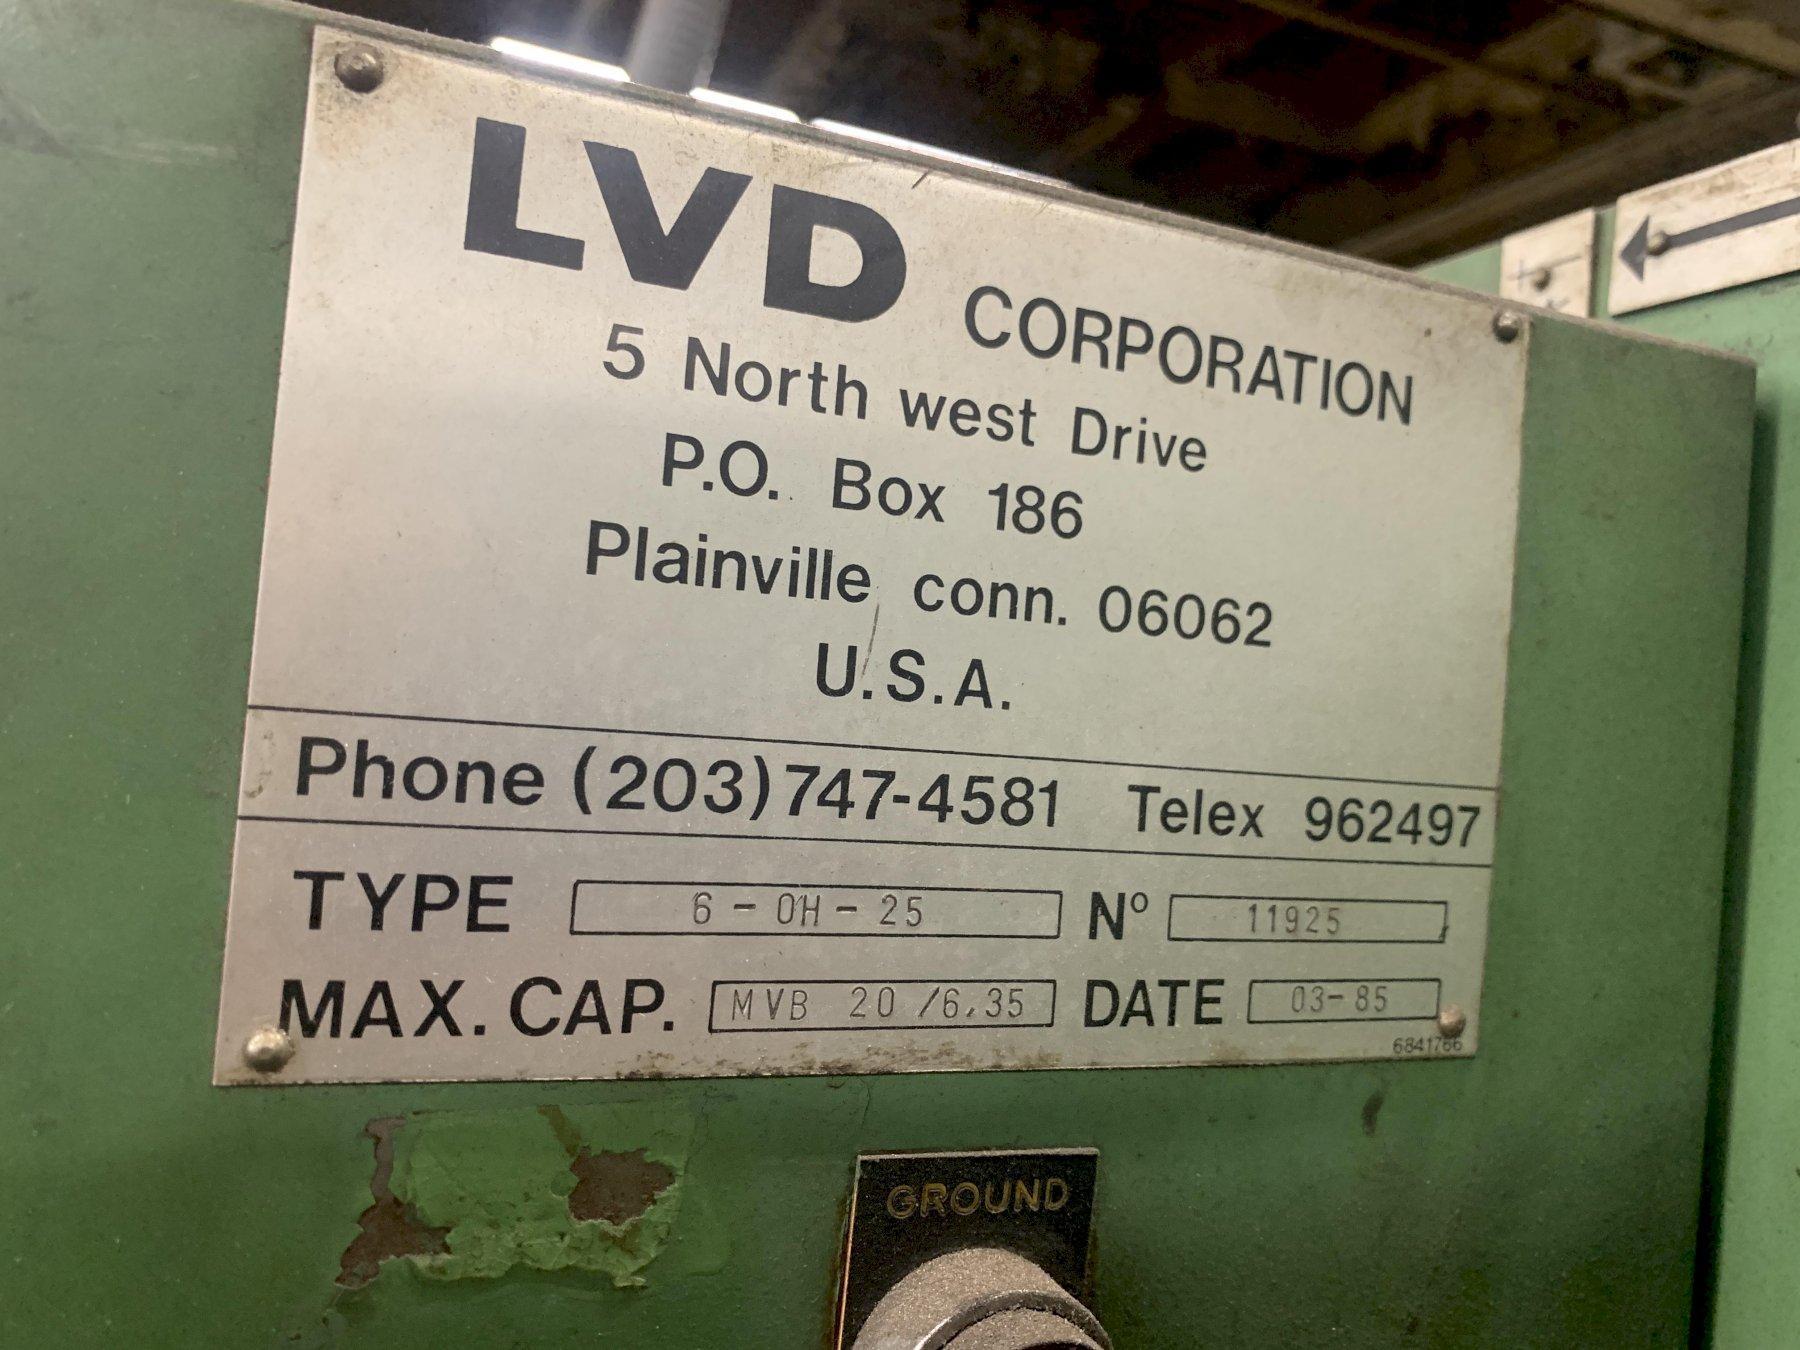 """1/4"""" X 8' LVD TYPE6-OH-25 MVB 20/6.35 HYDRAULIC SHEAR"""